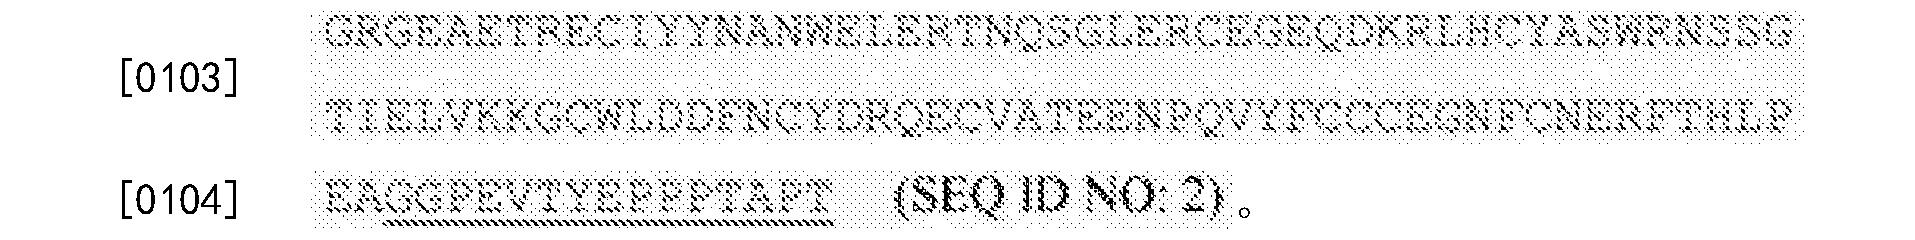 Figure CN103987403BD00193